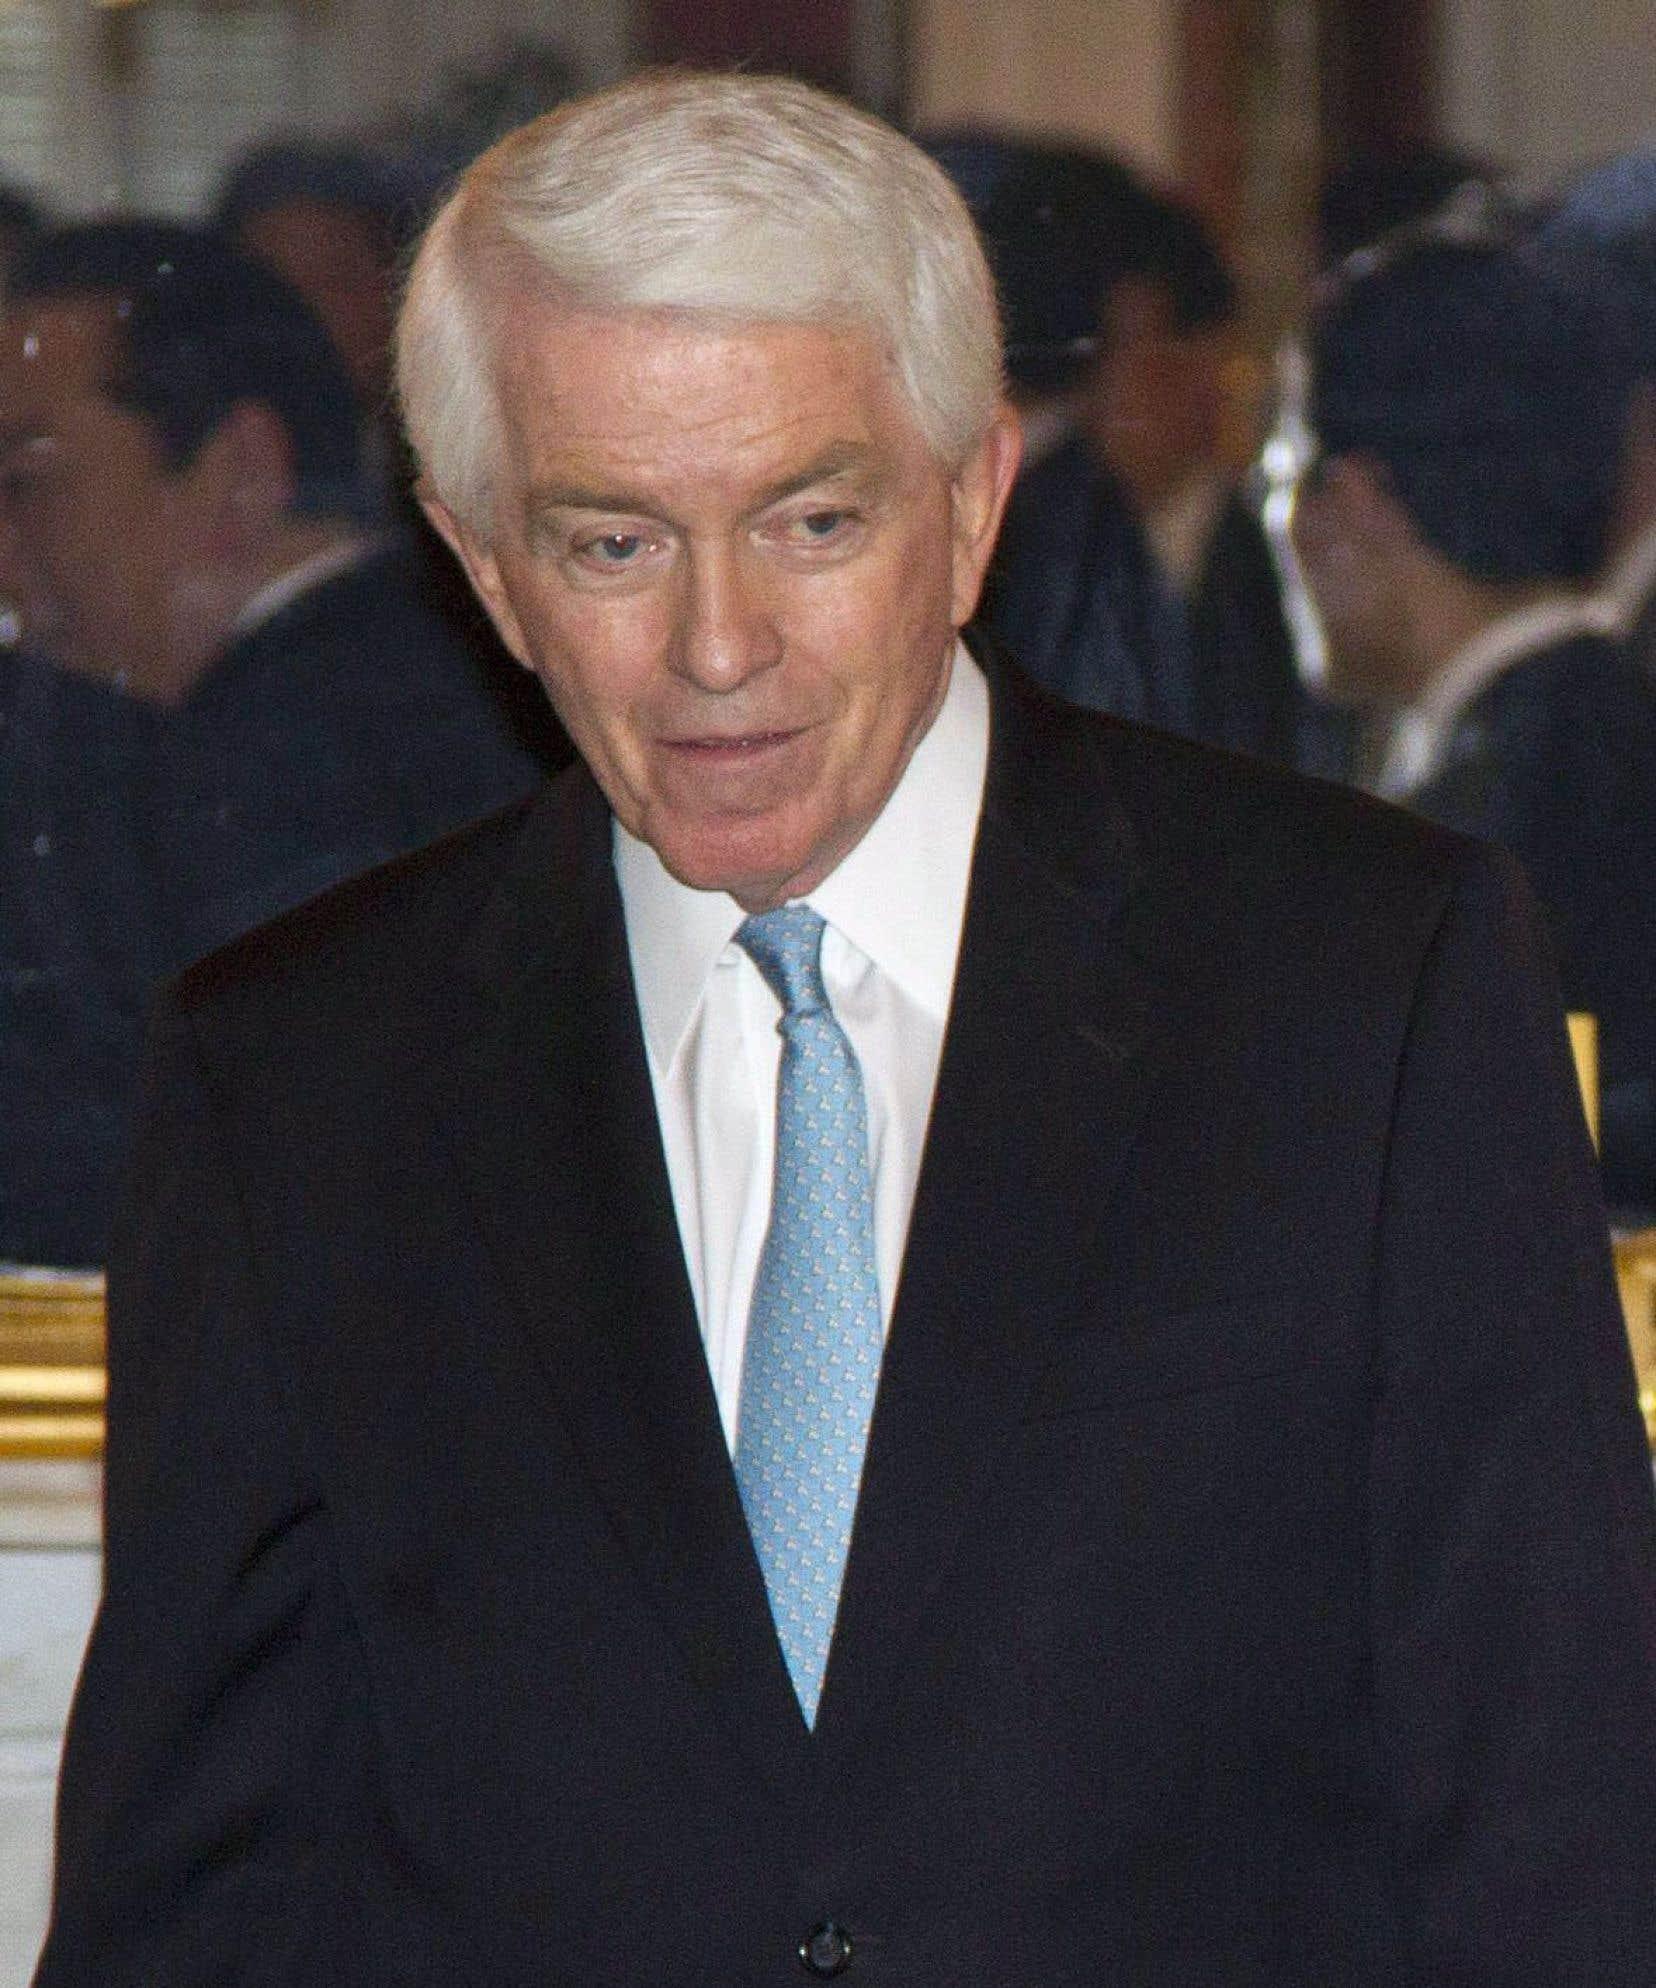 Le patron de la Chambre de commerce des États-Unis, Tom Donahue